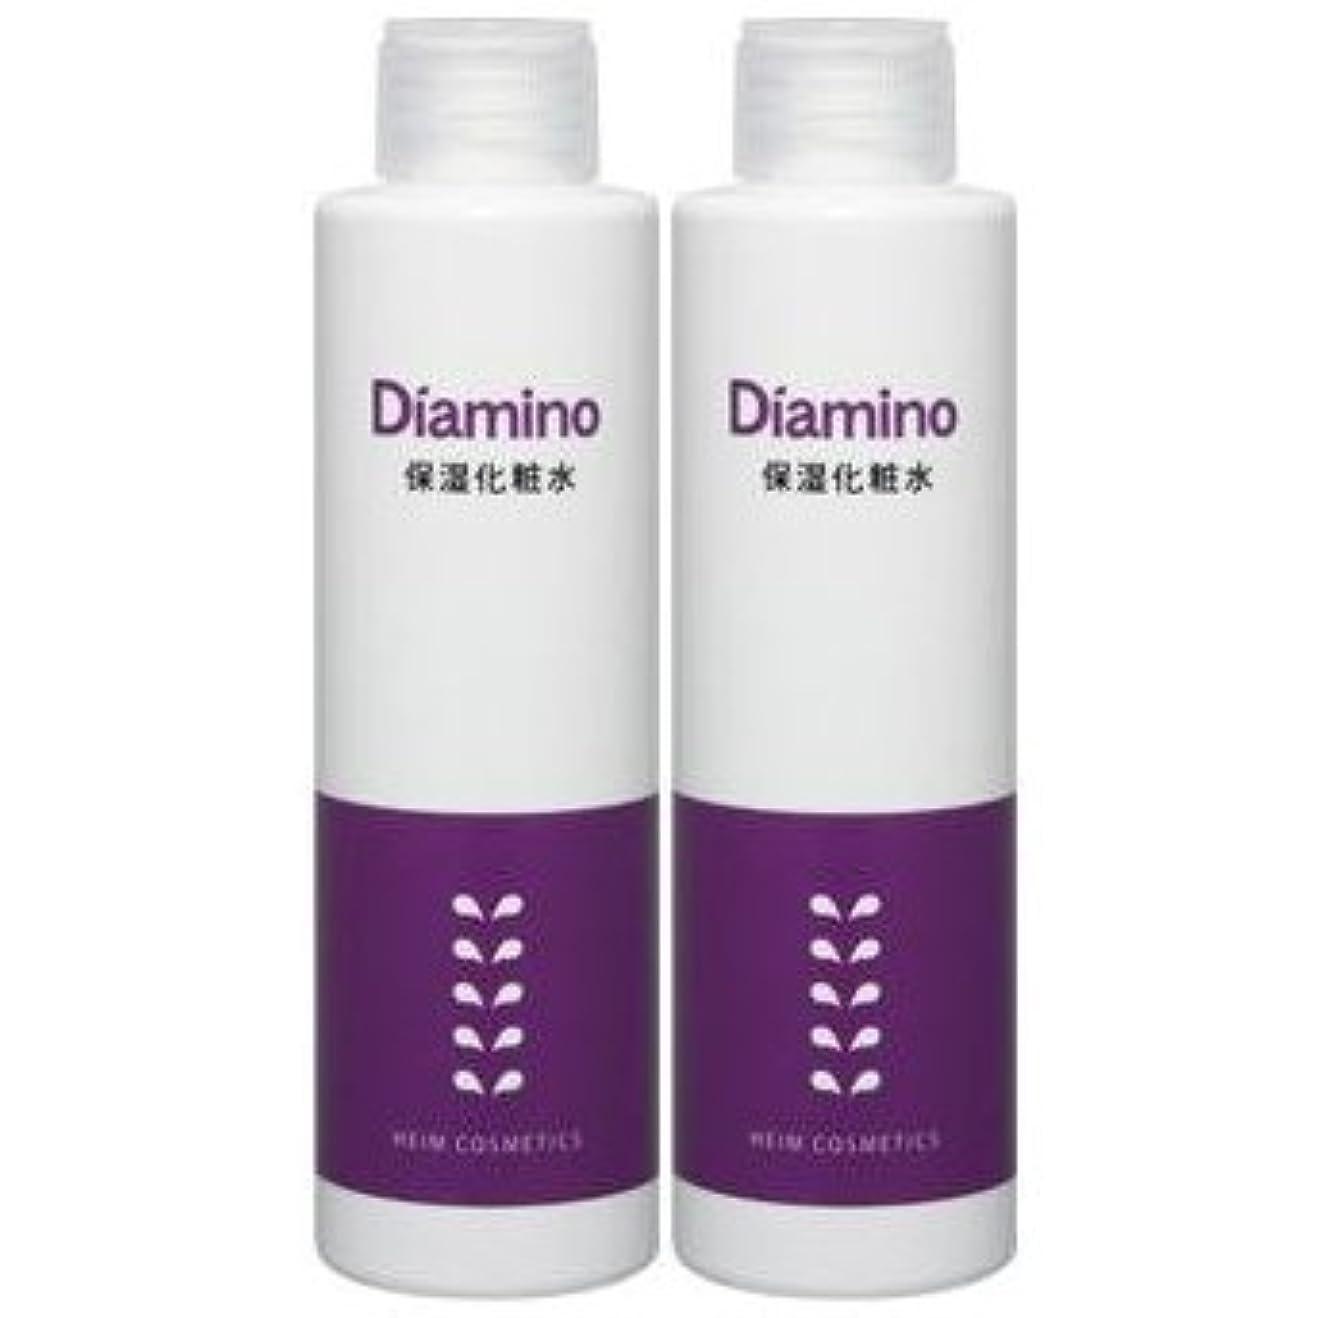 ことわざ恥スキーハイム化粧品/ディアミノ 保湿 化粧水×2個